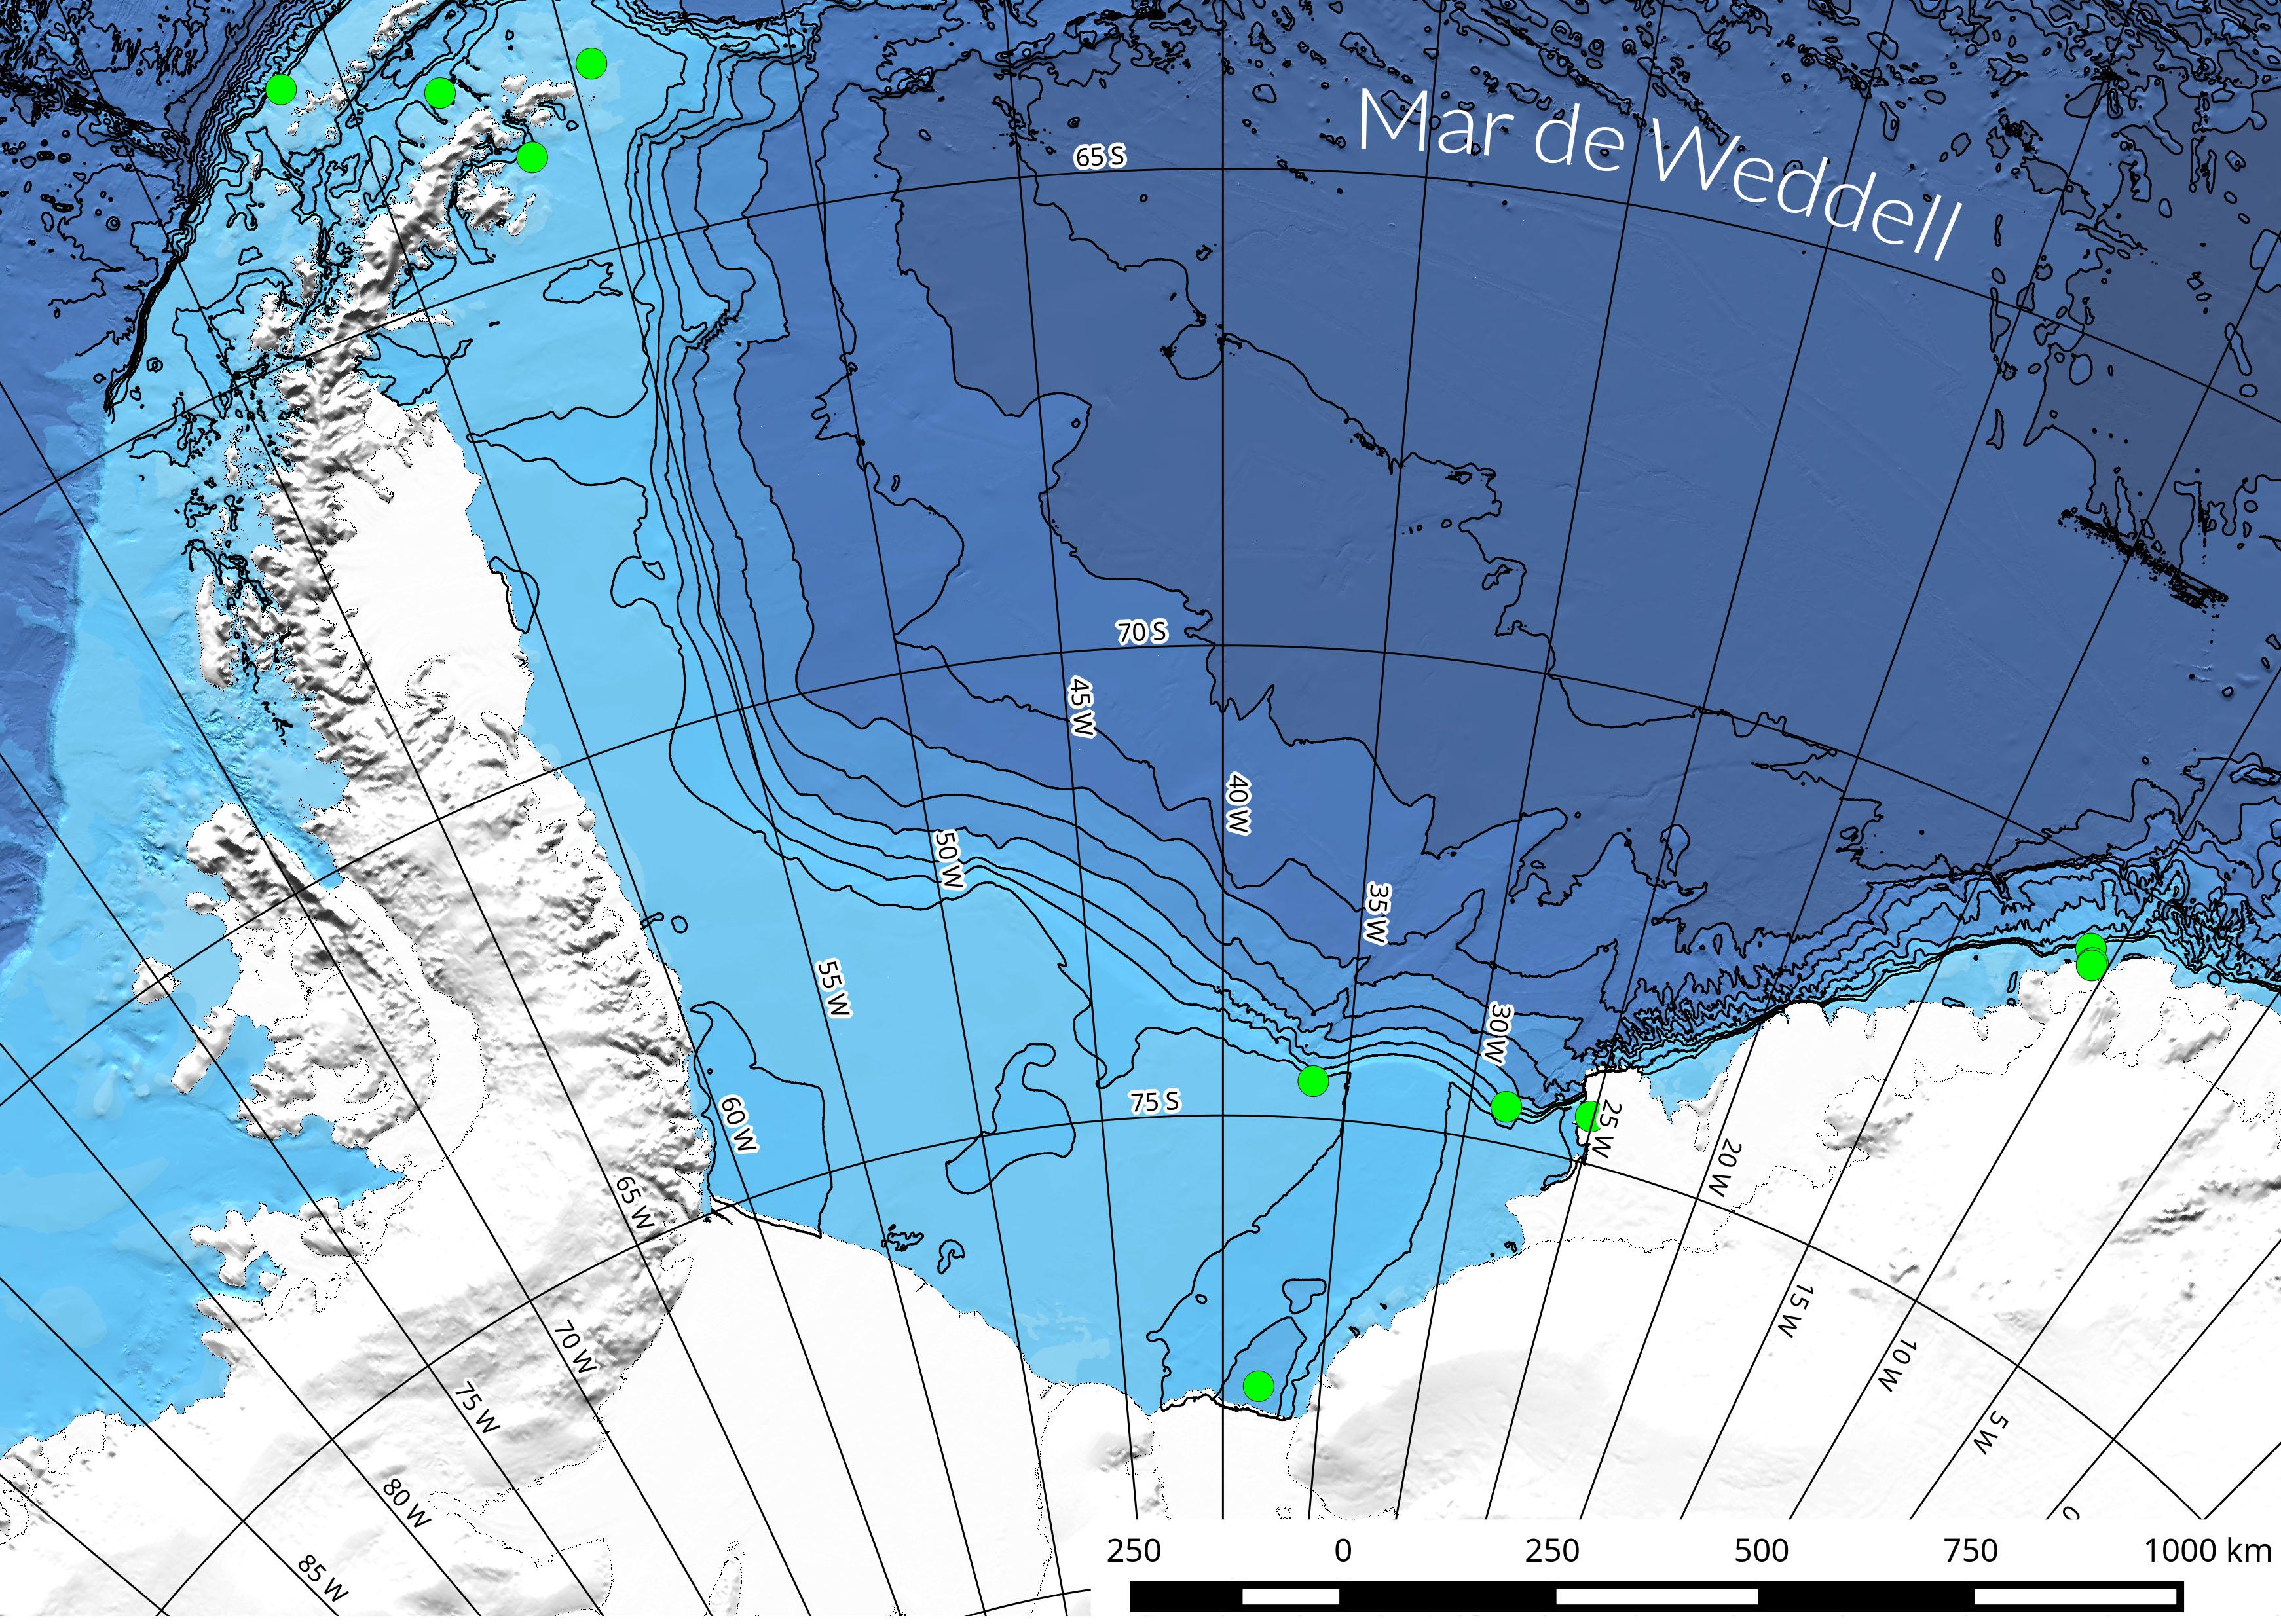 Se colocaron varias estaciones a lo largo de más de 4.000 kilómetros del Mar de Weddell. Imagen: CSIC